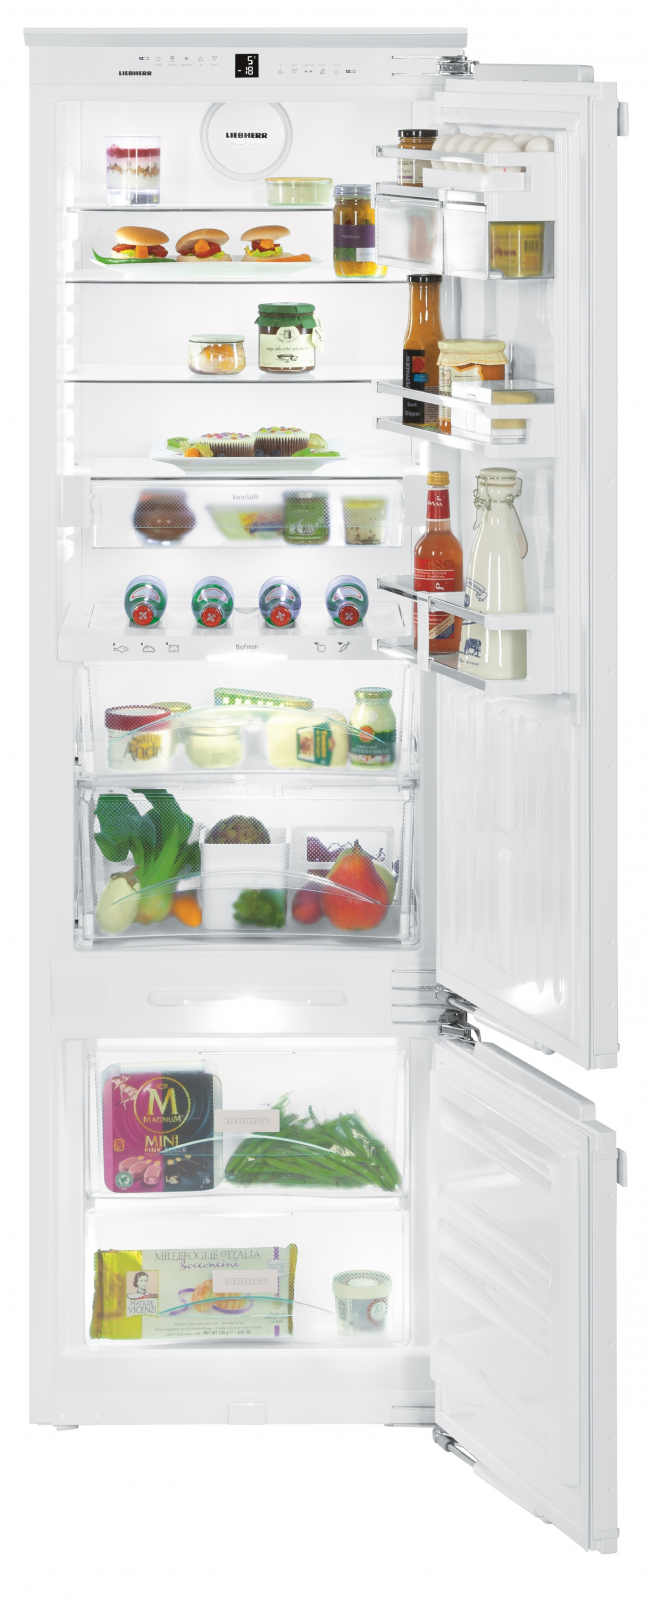 купить Встраиваемый двухкамерный холодильник Liebherr ICBP 3266 Украина фото 0